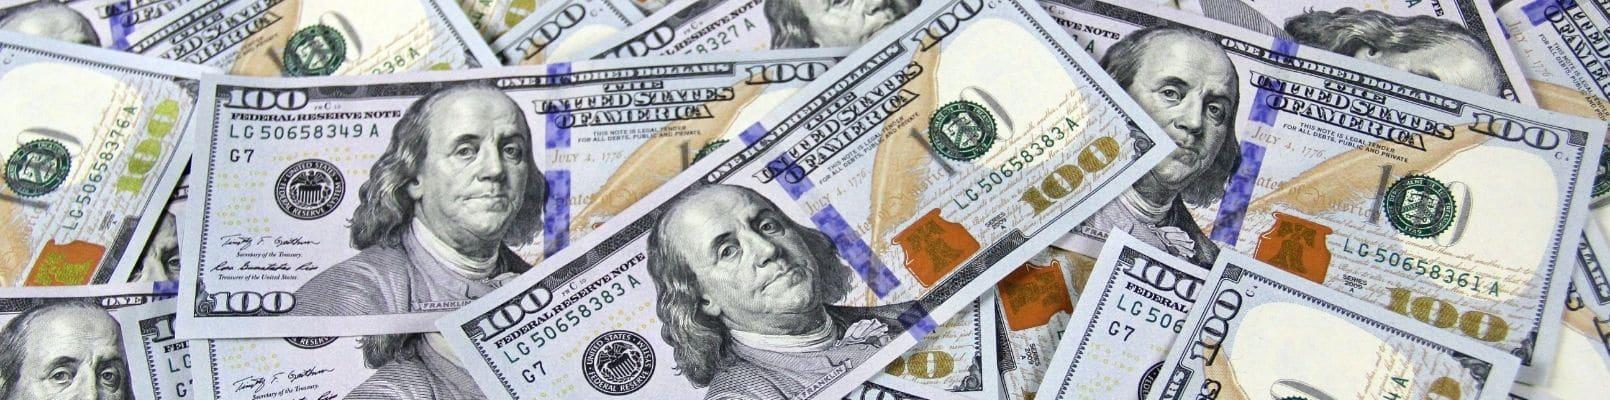 premii unibet cu premii cash